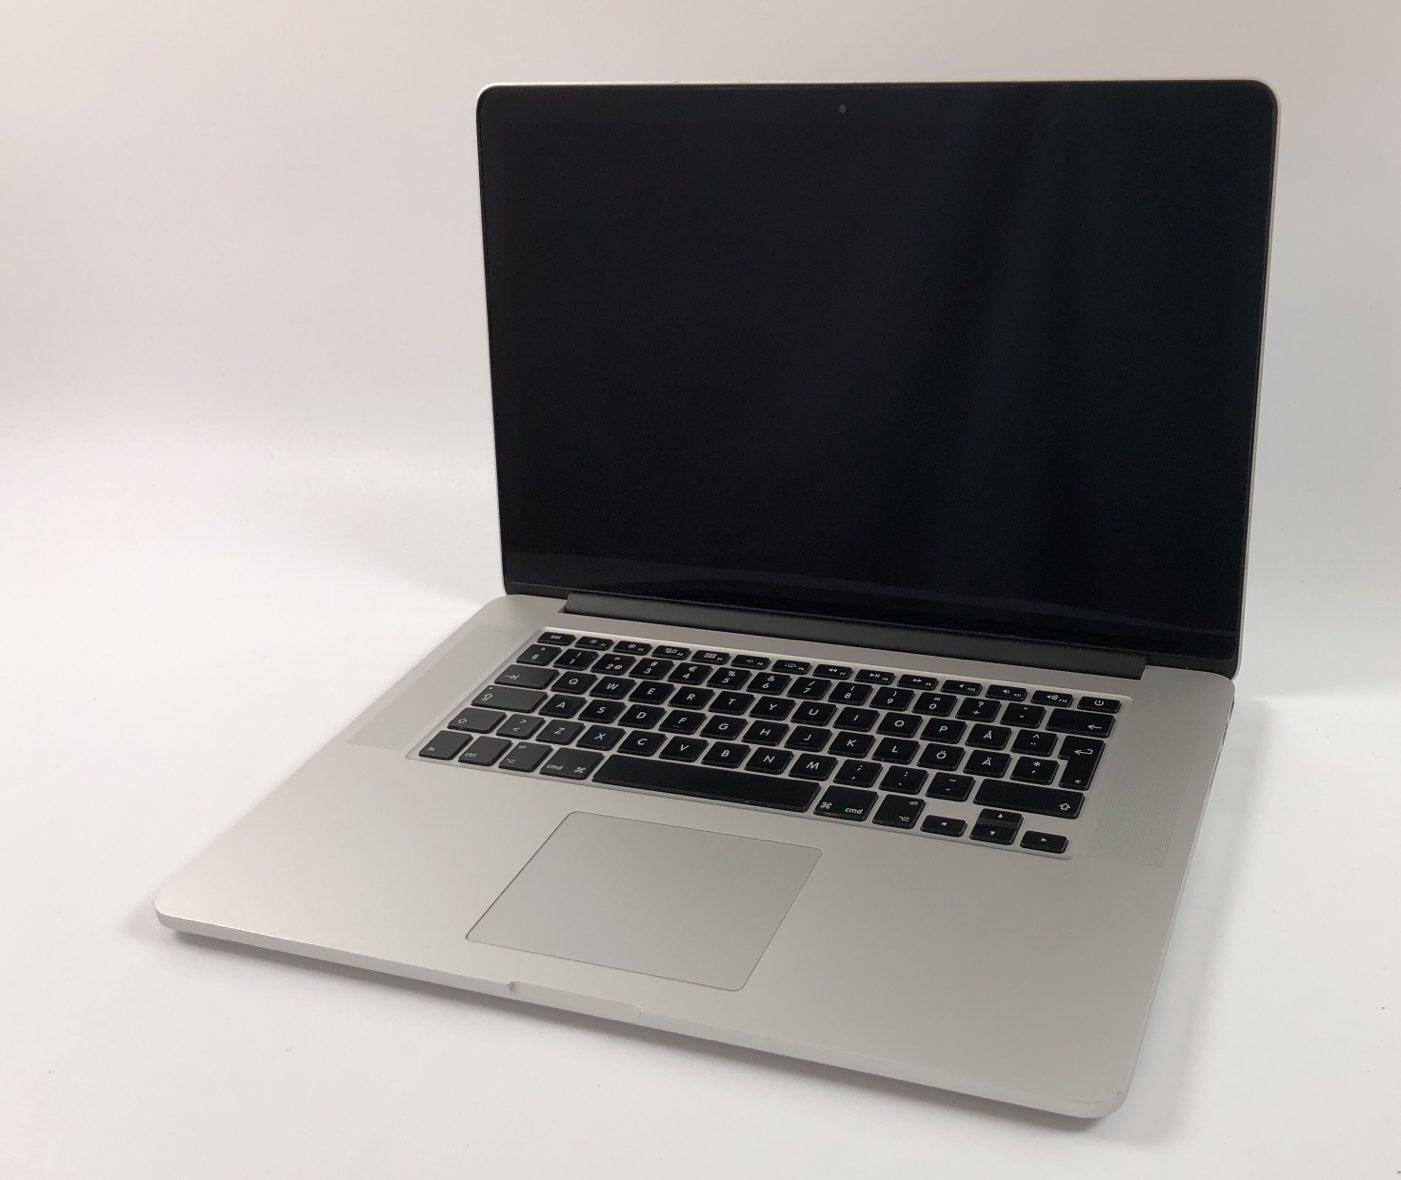 """MacBook Pro Retina 15"""" Mid 2014 (Intel Quad-Core i7 2.2 GHz 16 GB RAM 512 GB SSD), Intel Quad-Core i7 2.2 GHz, 16 GB RAM, 512 GB SSD, Kuva 1"""